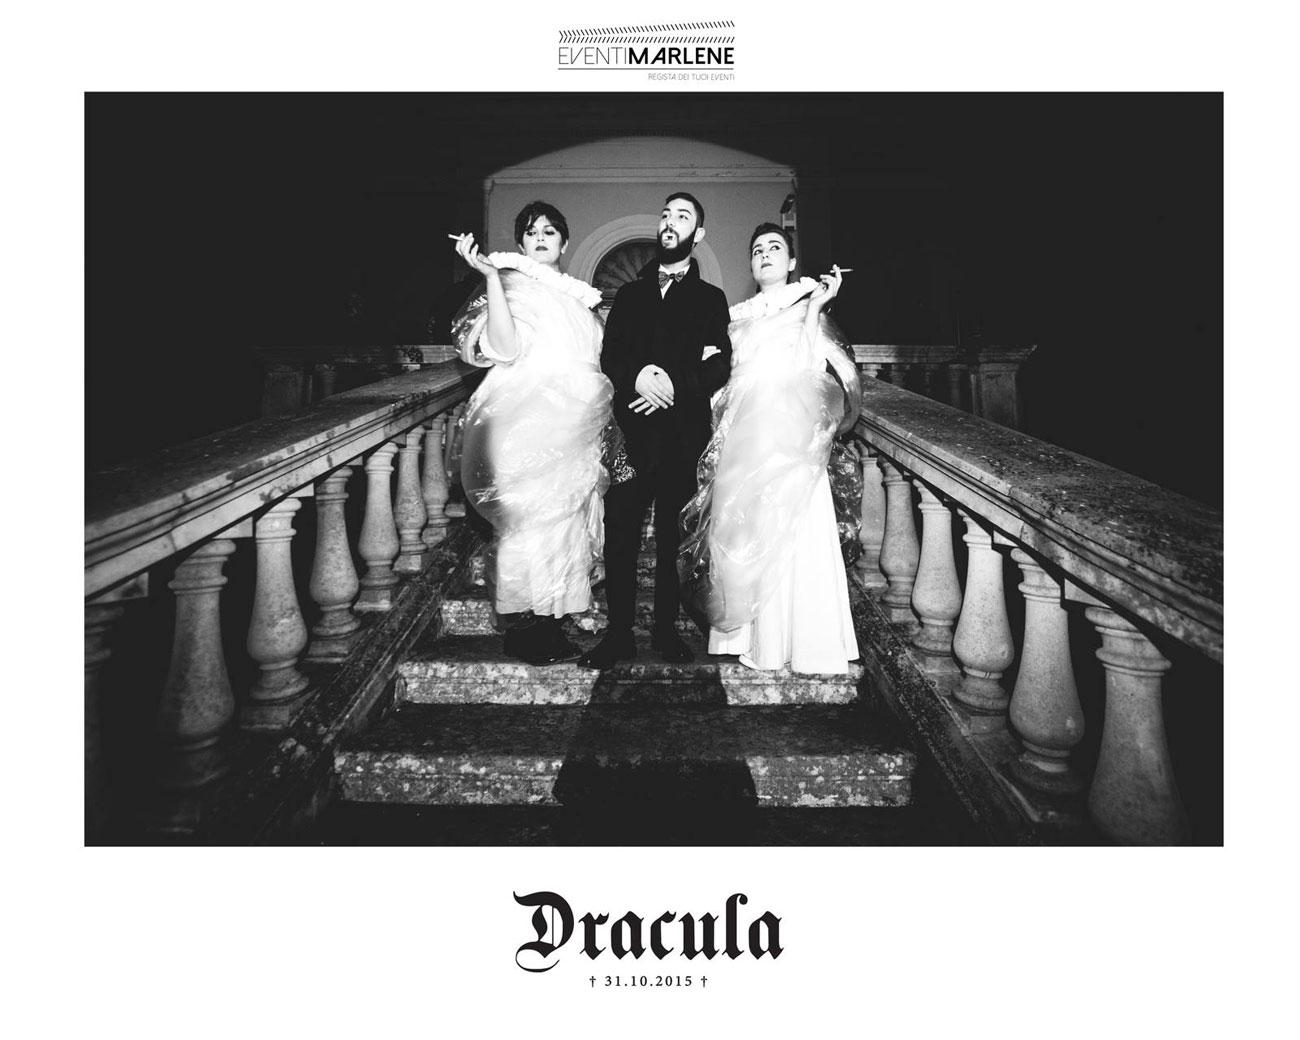 dracula-halloween-staff1